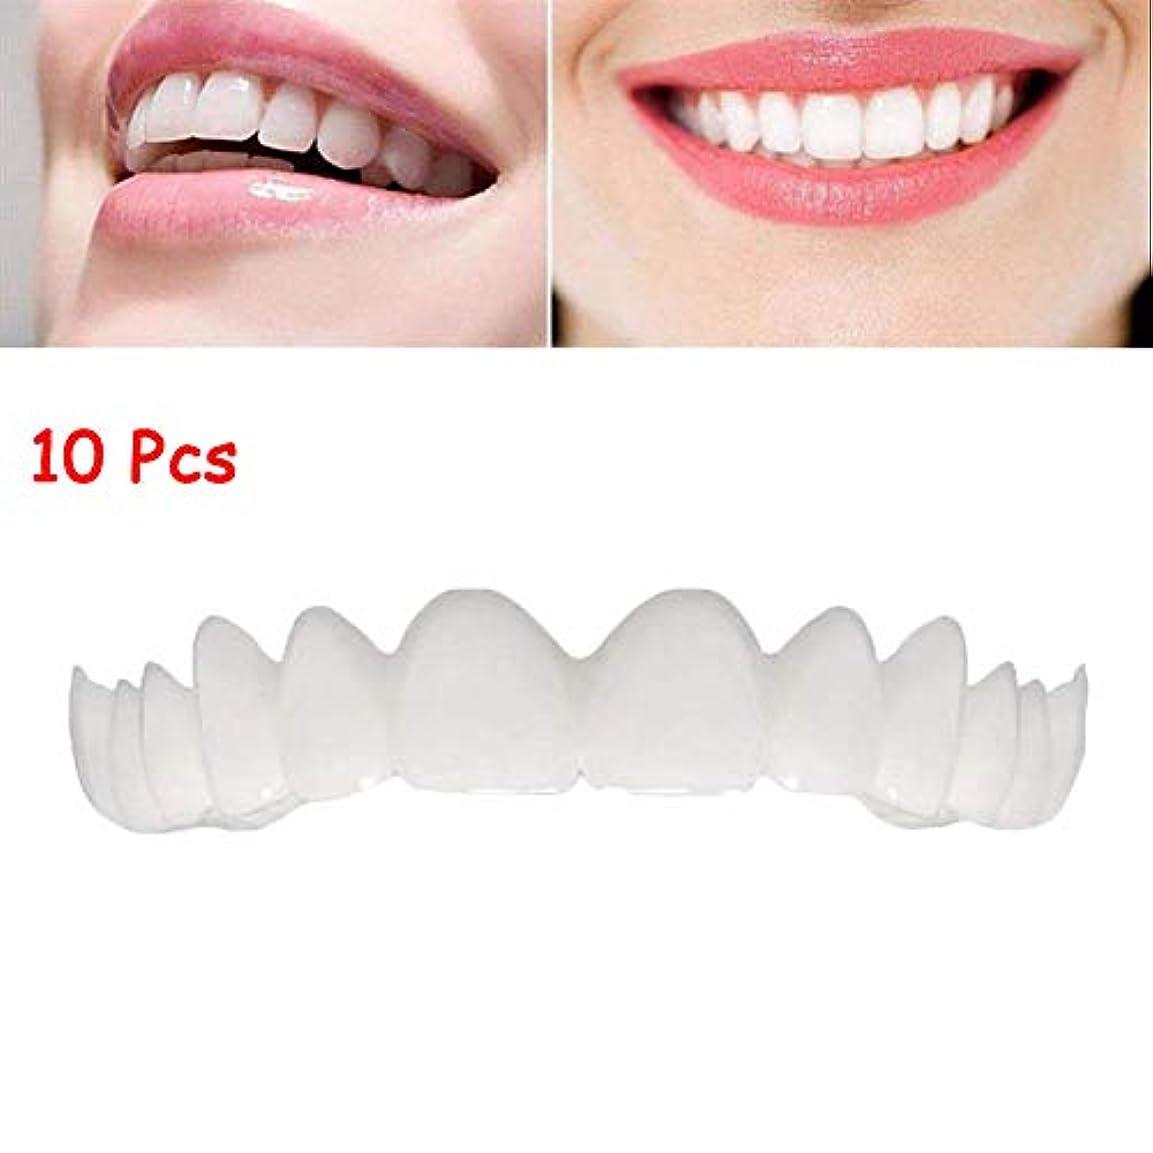 トイレ乳剤活気づく10個の一時的な化粧品の歯の義歯は歯を白くするブレースを模擬